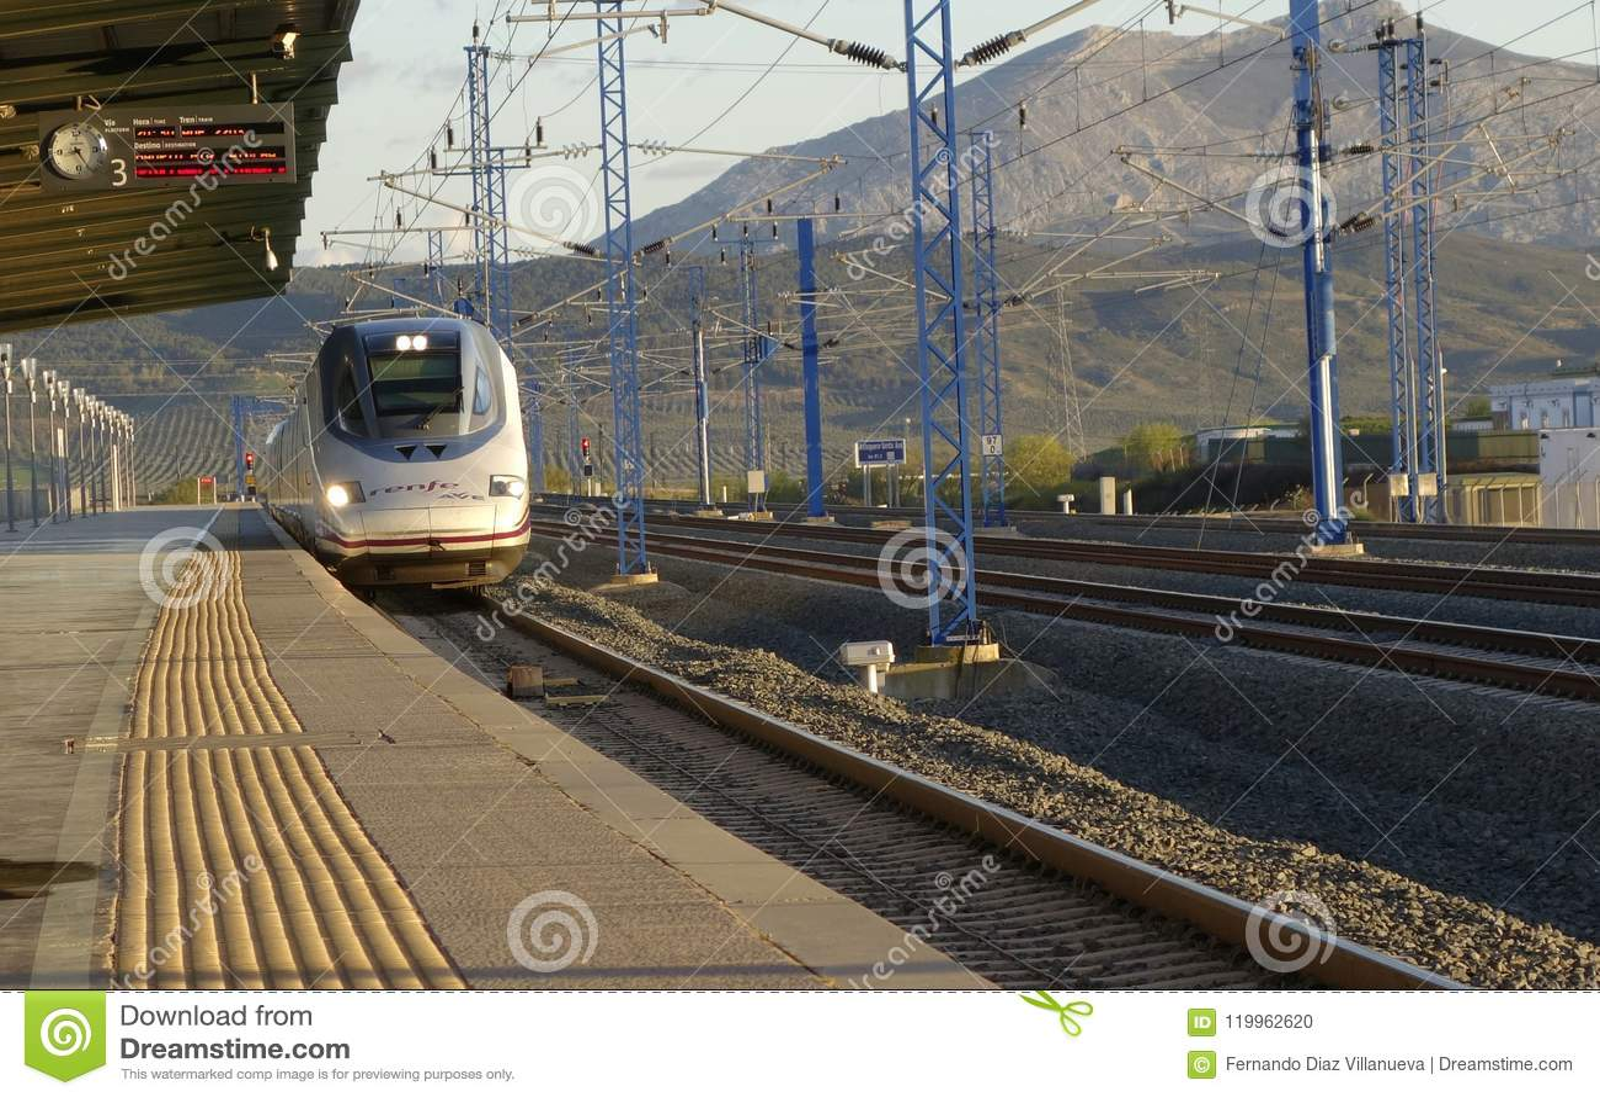 Renfe Wysoka prędkość AVE S-102 od MÃ ¡ laga przewodzi Madryt przy Santa Ana stacją kolejową